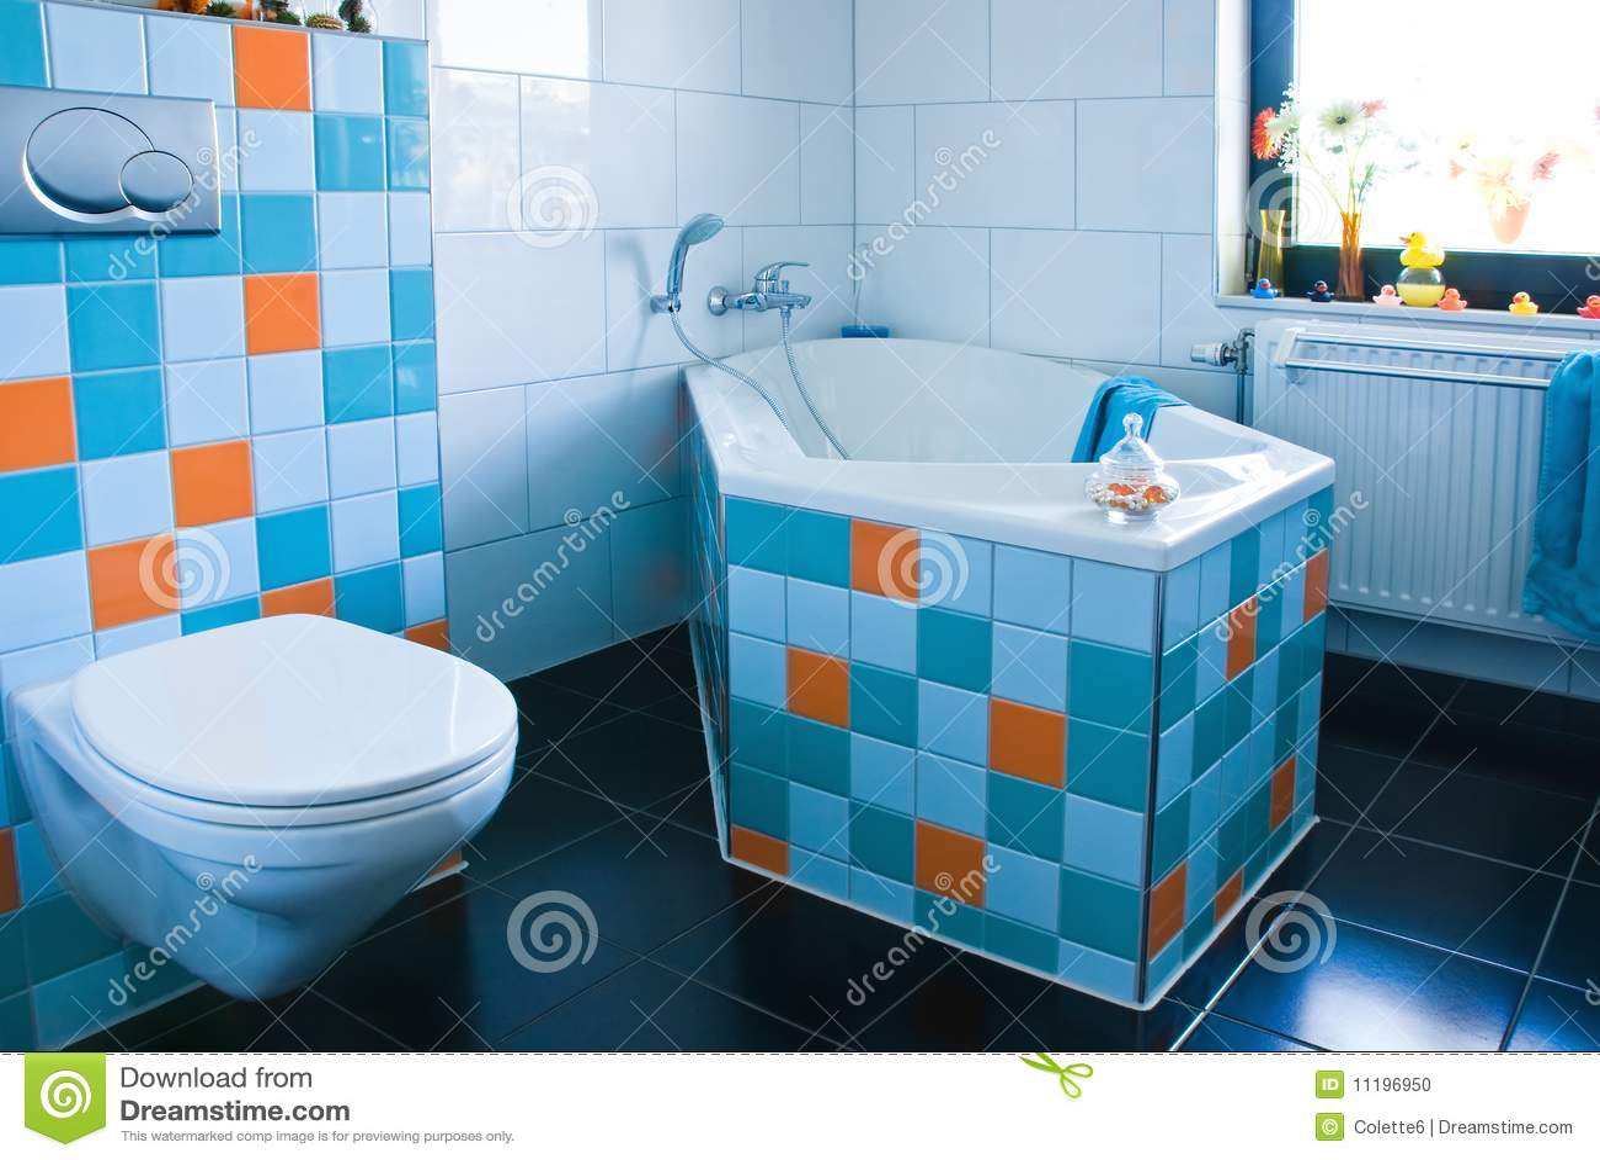 con los azulejos en azul azul claro azul y la naranja horizontales #B34F18 1300x960 Banheiro Azulejo Azul